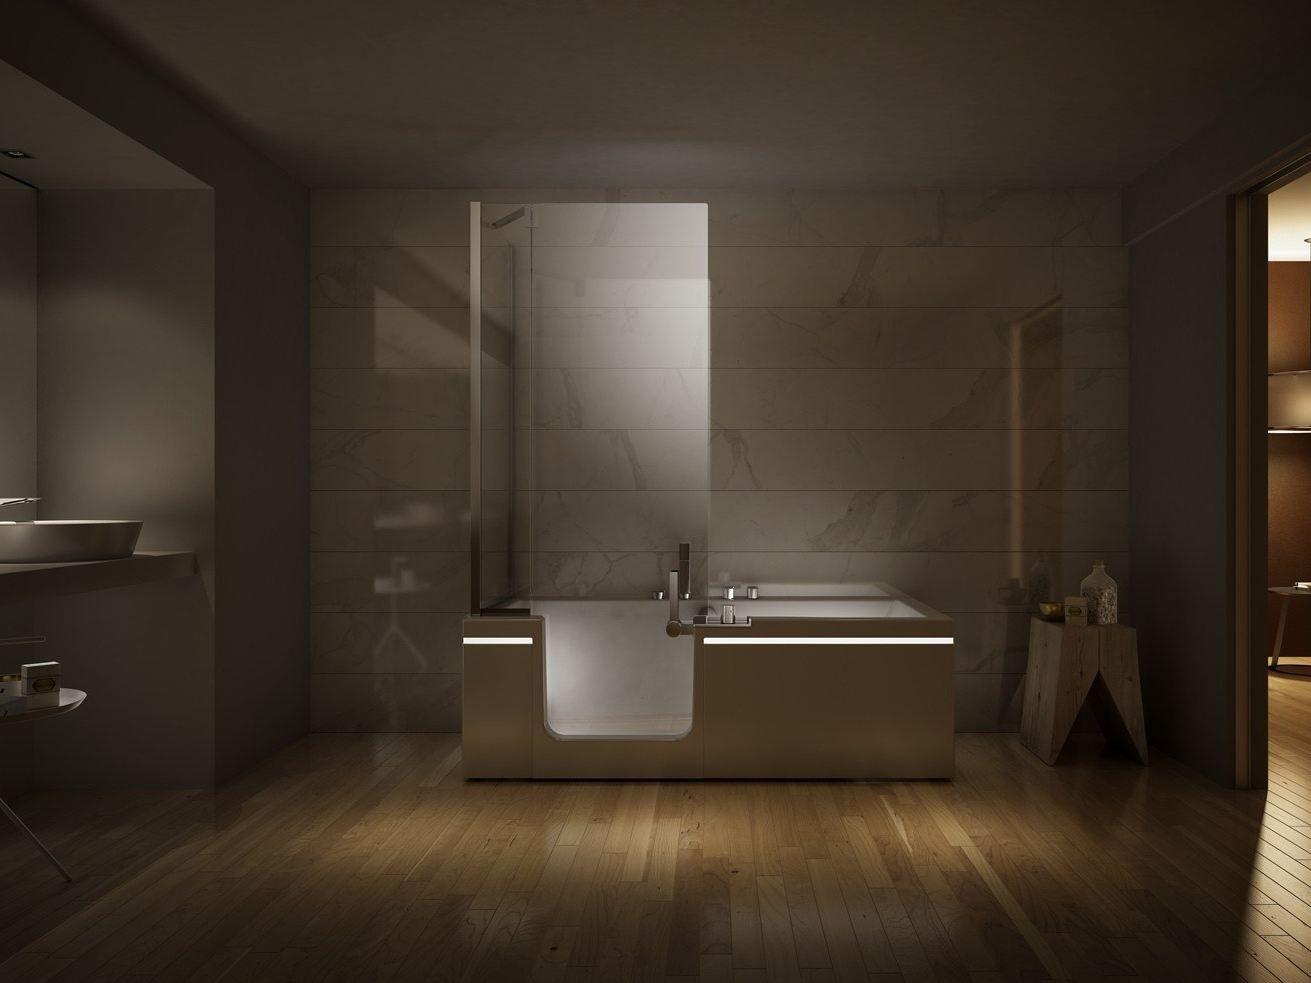 vasca da bagno con doccia pr t porter by teuco design jean michel wilmotte interior. Black Bedroom Furniture Sets. Home Design Ideas